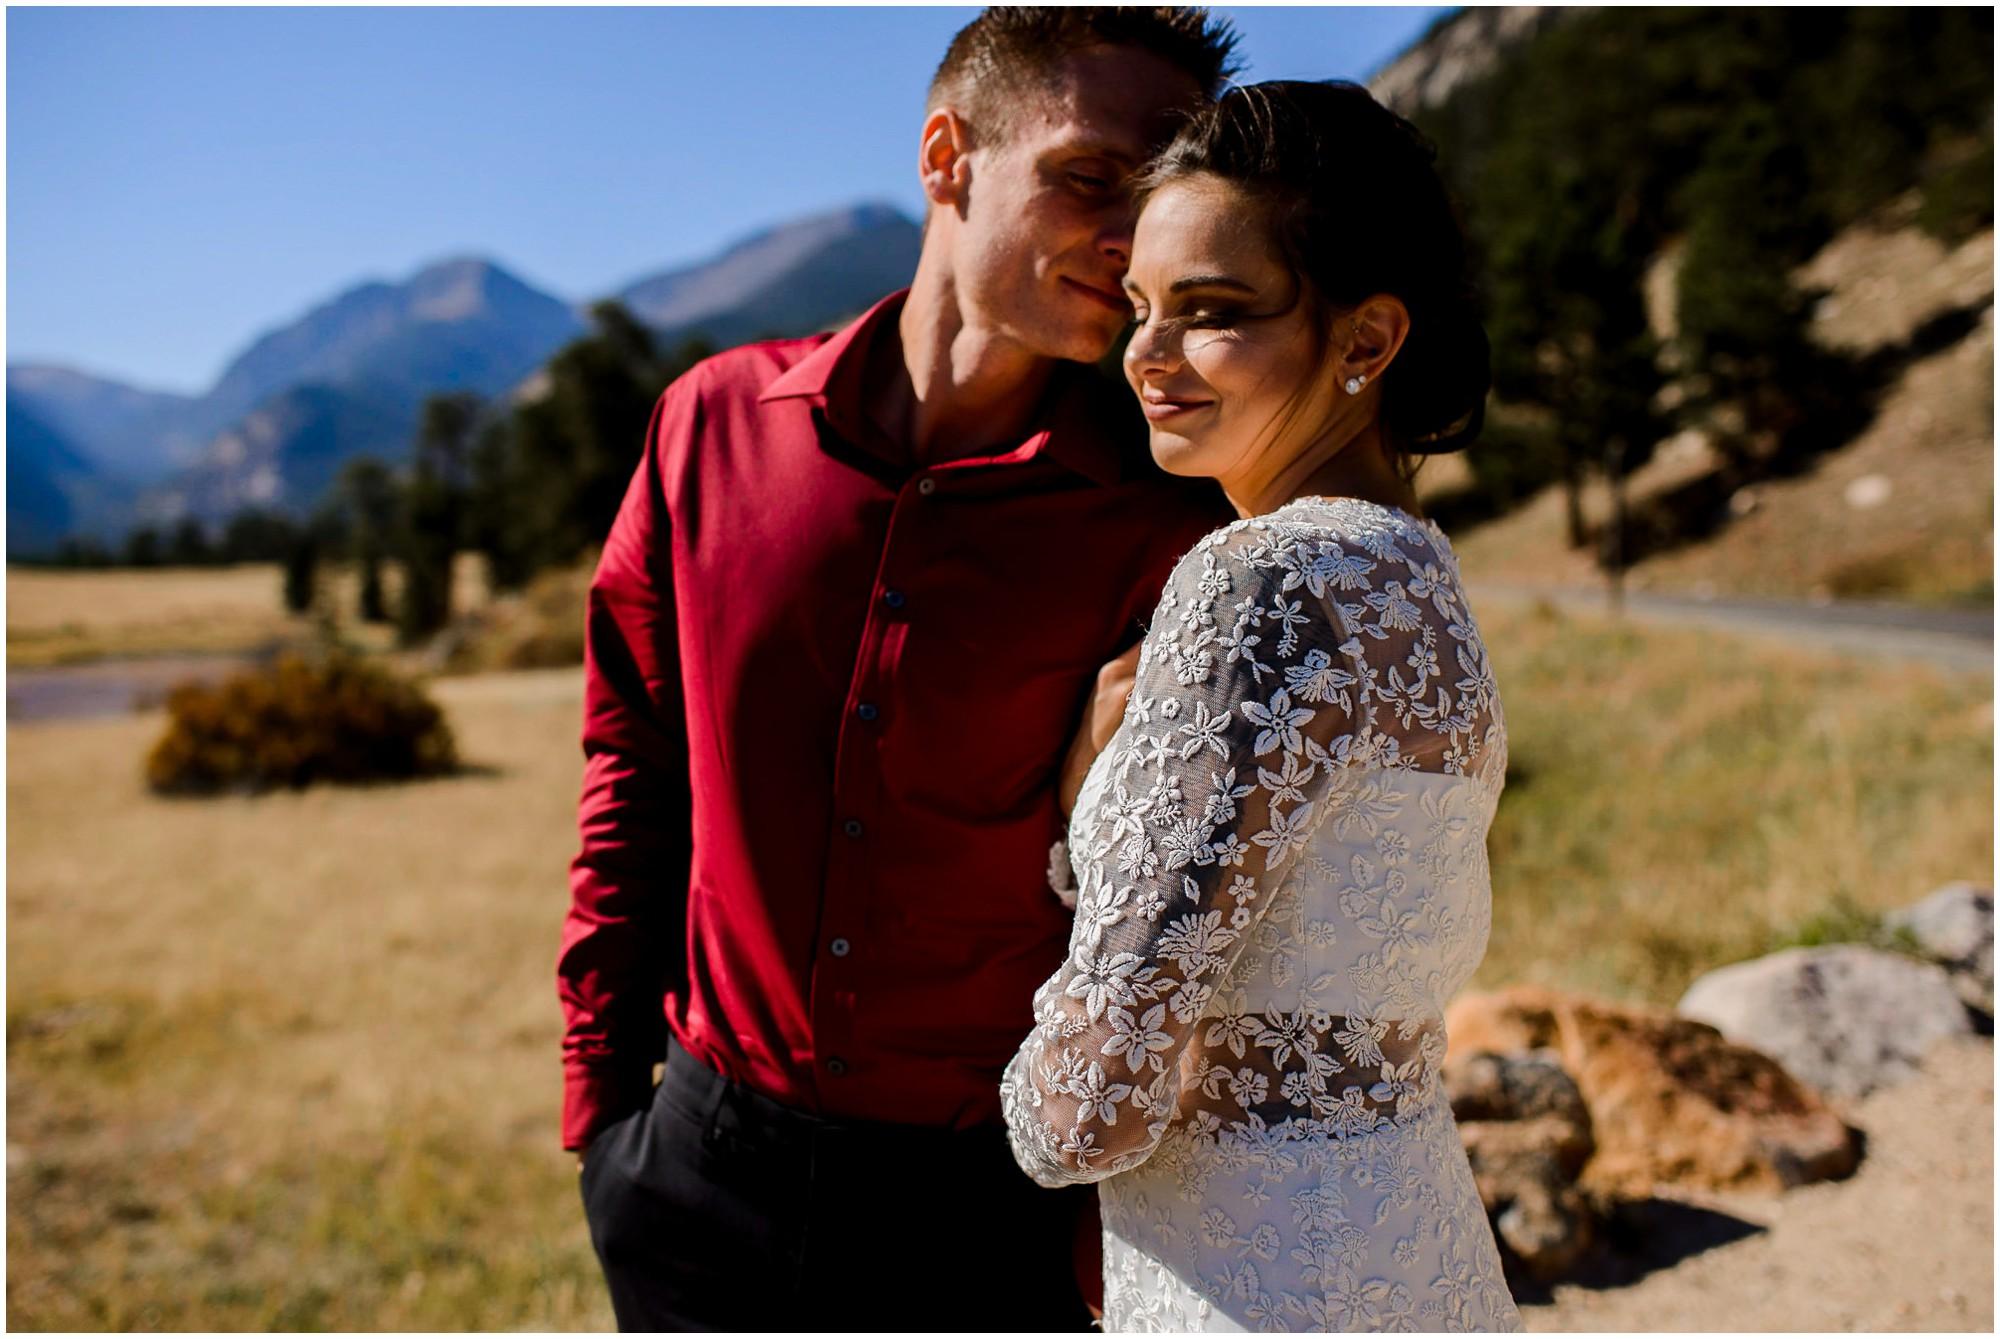 Colorado elopement photo of Bride and groom